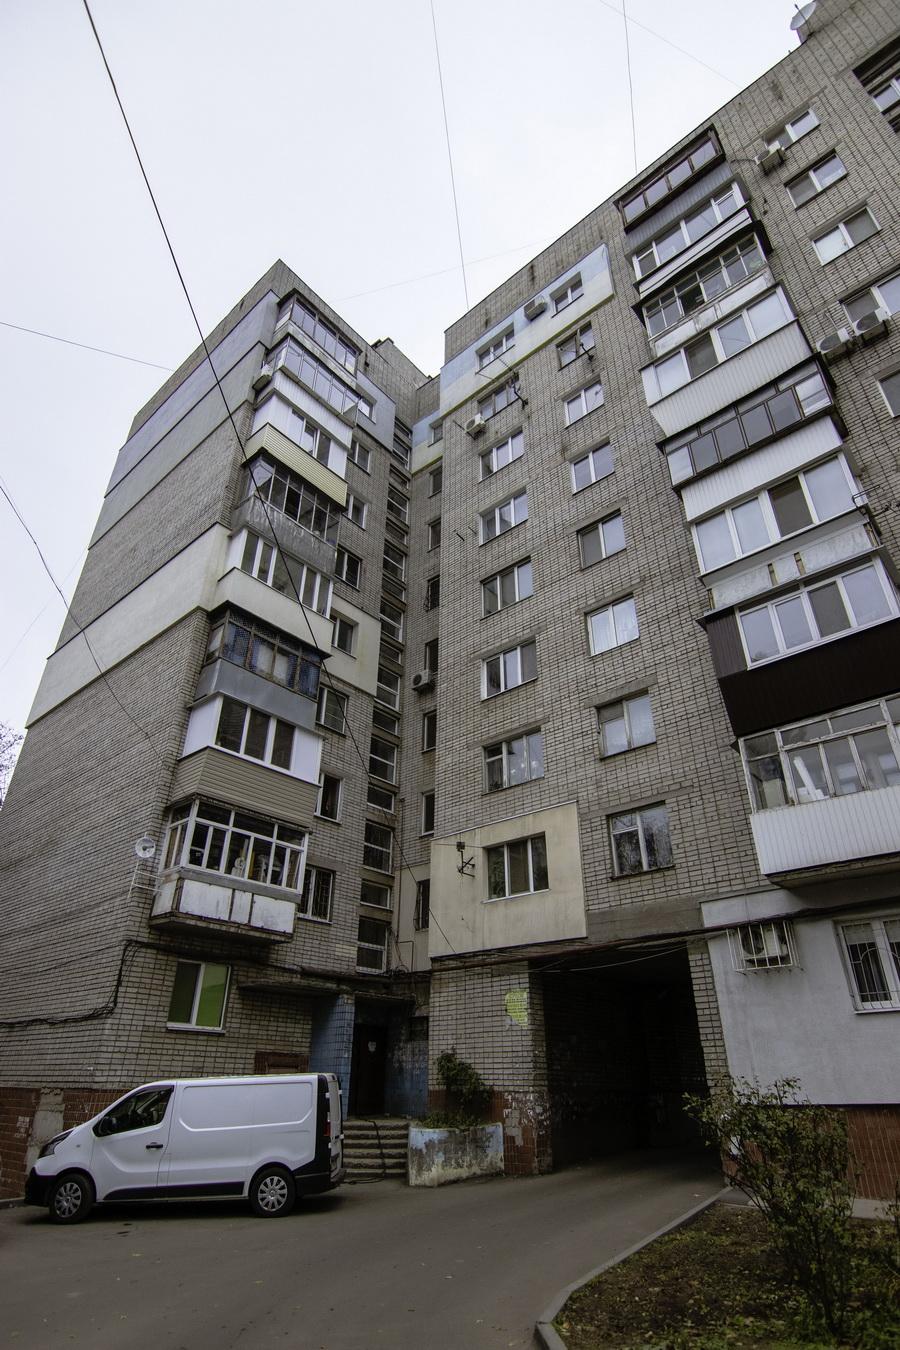 Жители будут с качественным теплом: в доме по ул. Гладкова, 4 заменяют трубопровод центрального отопления